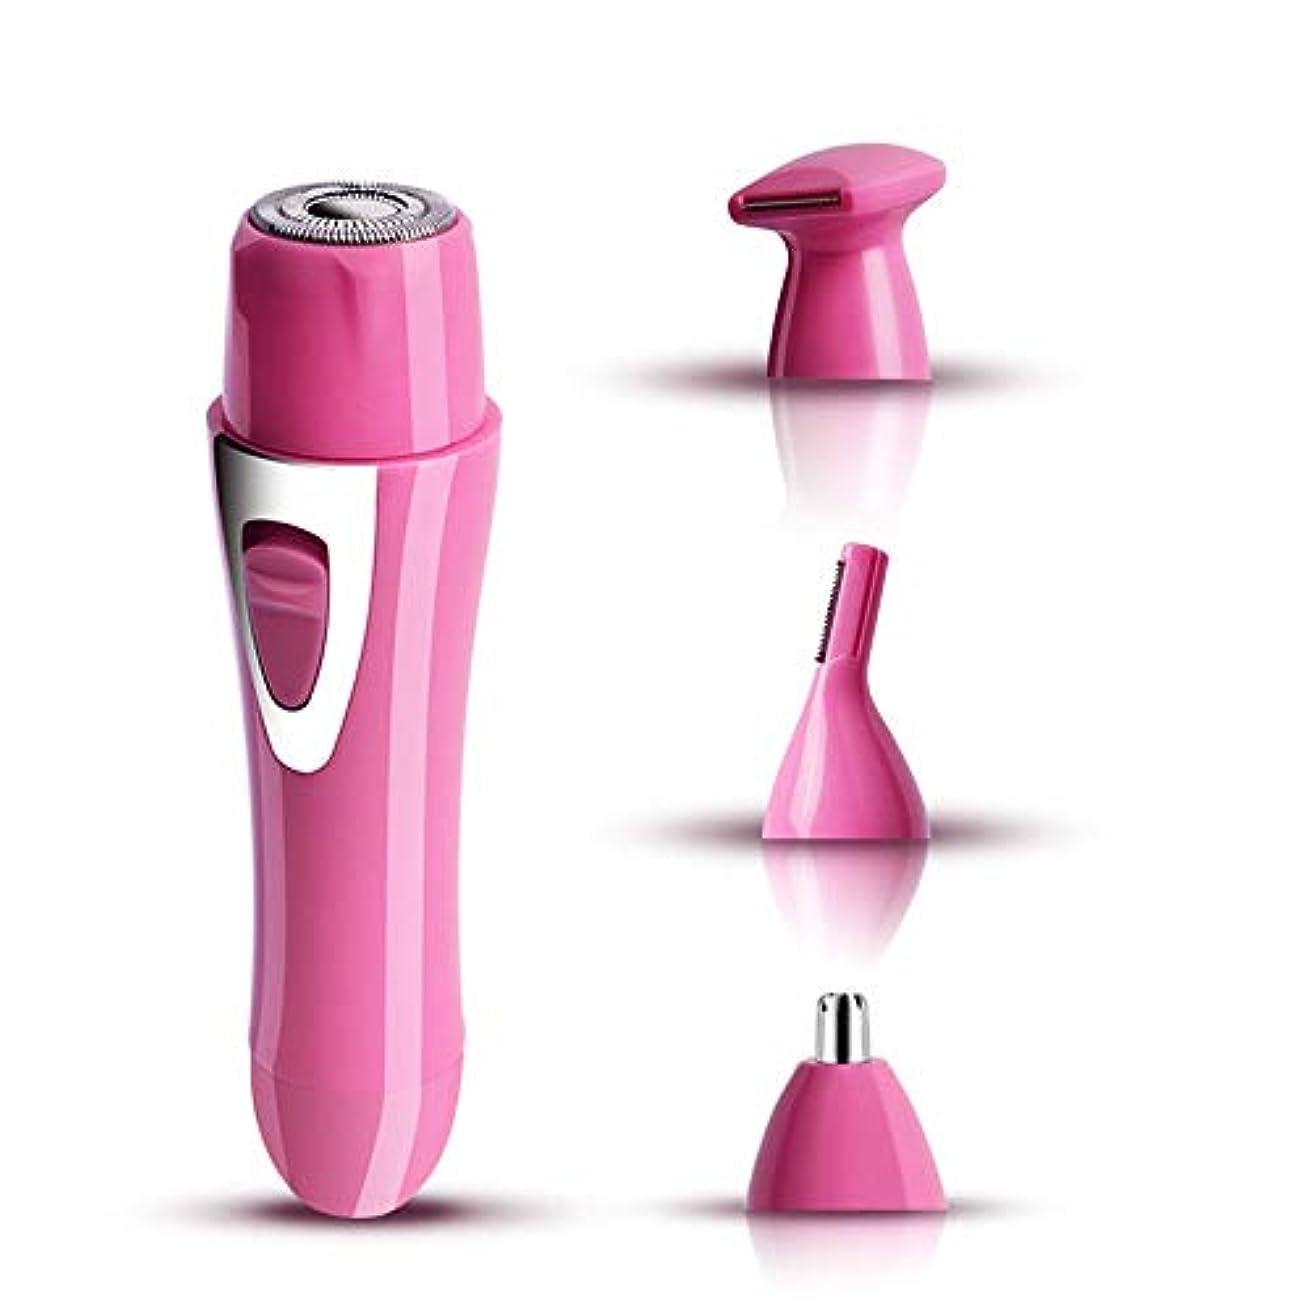 免除通貨荒らすTZY 鼻毛眉毛ビキニラインに適した1エレクトリック防水多機能ミニボディトリマーで女性充電式家庭用脱毛器4 - レイザーとUSB (Color : Pink)